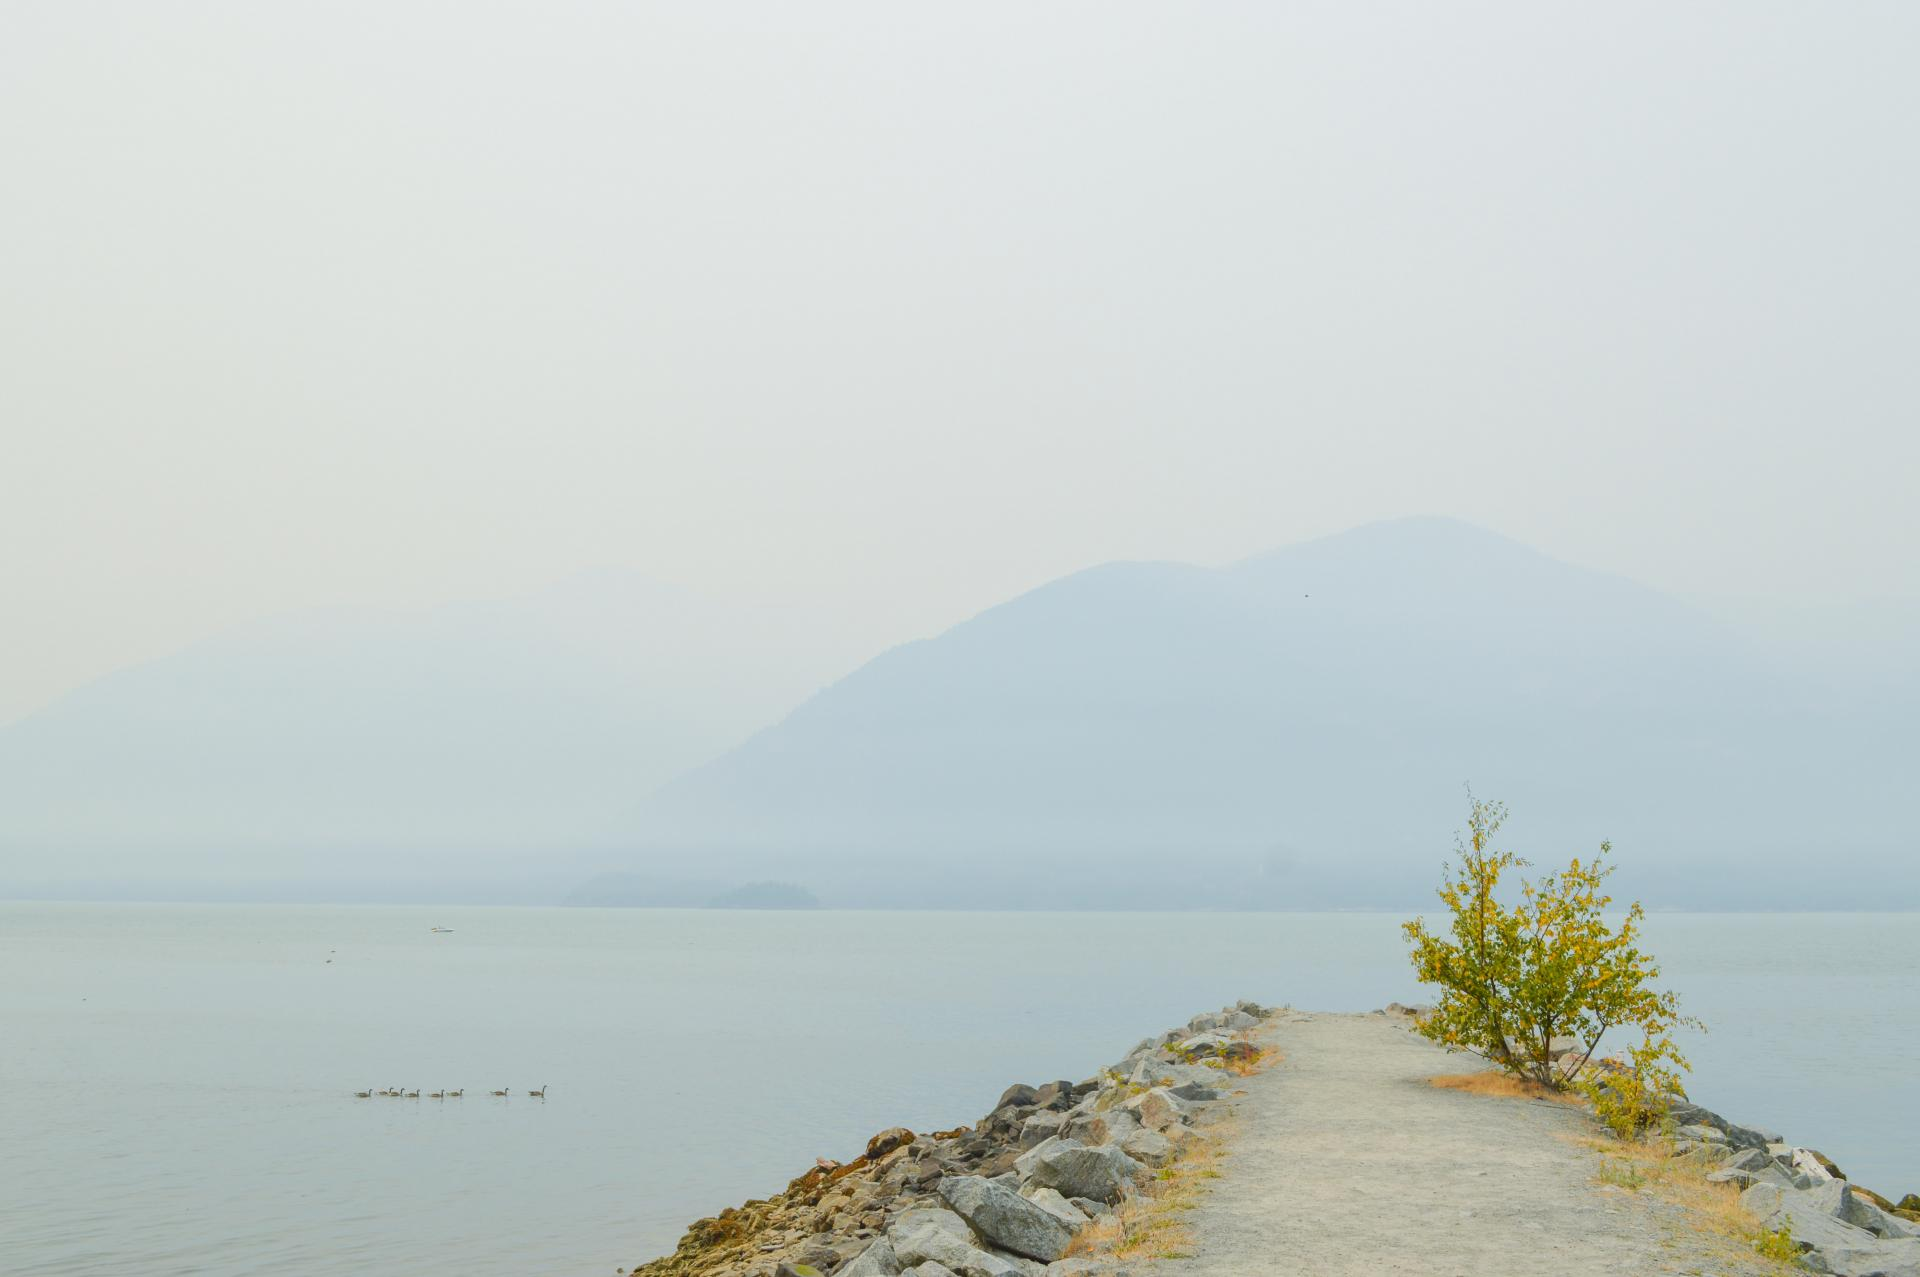 Porteau Cove